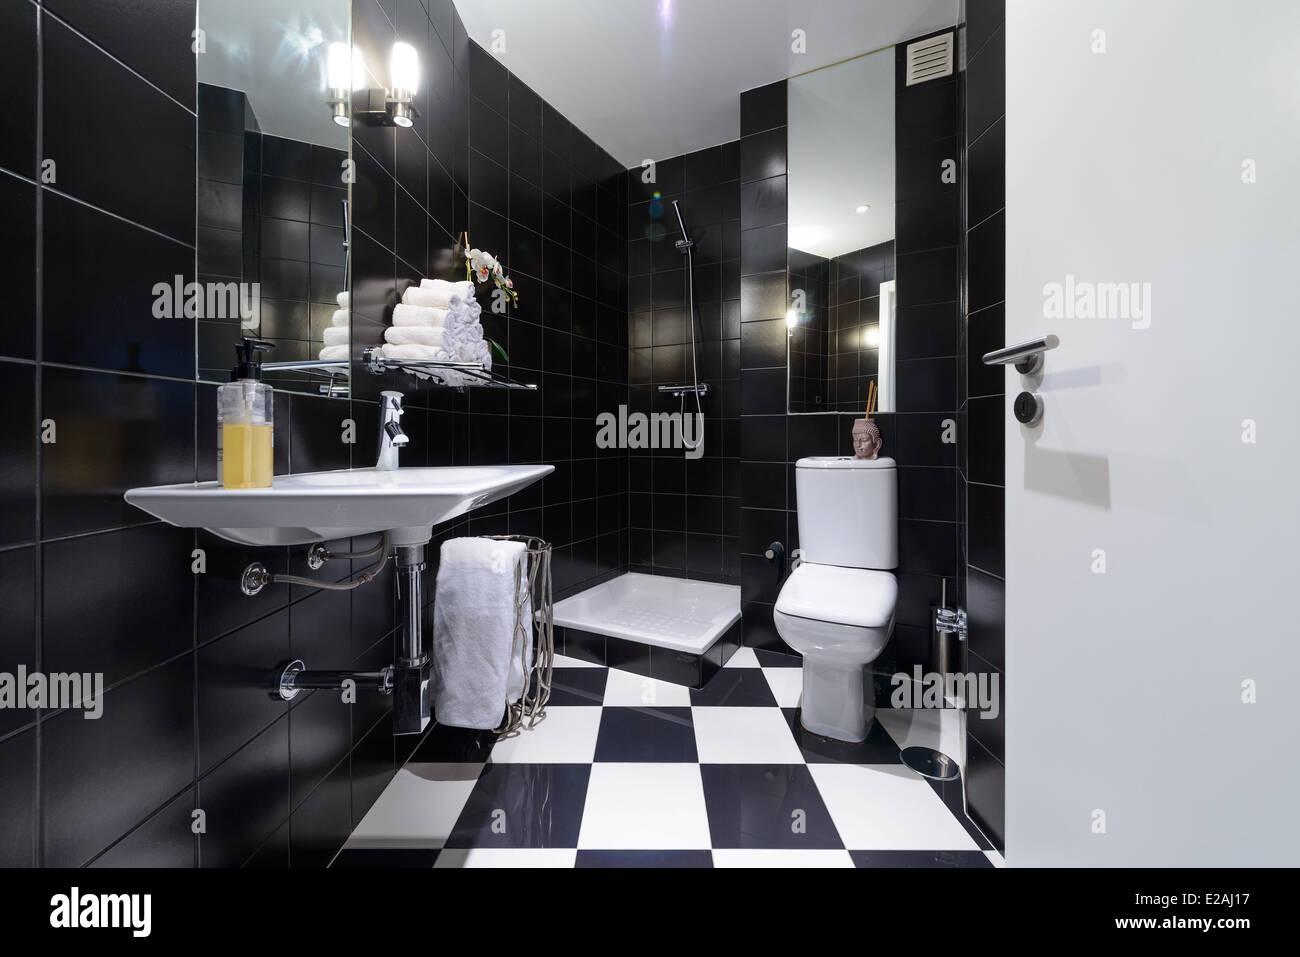 Bagno con piastrelle nere foto & immagine stock: 70304451 alamy